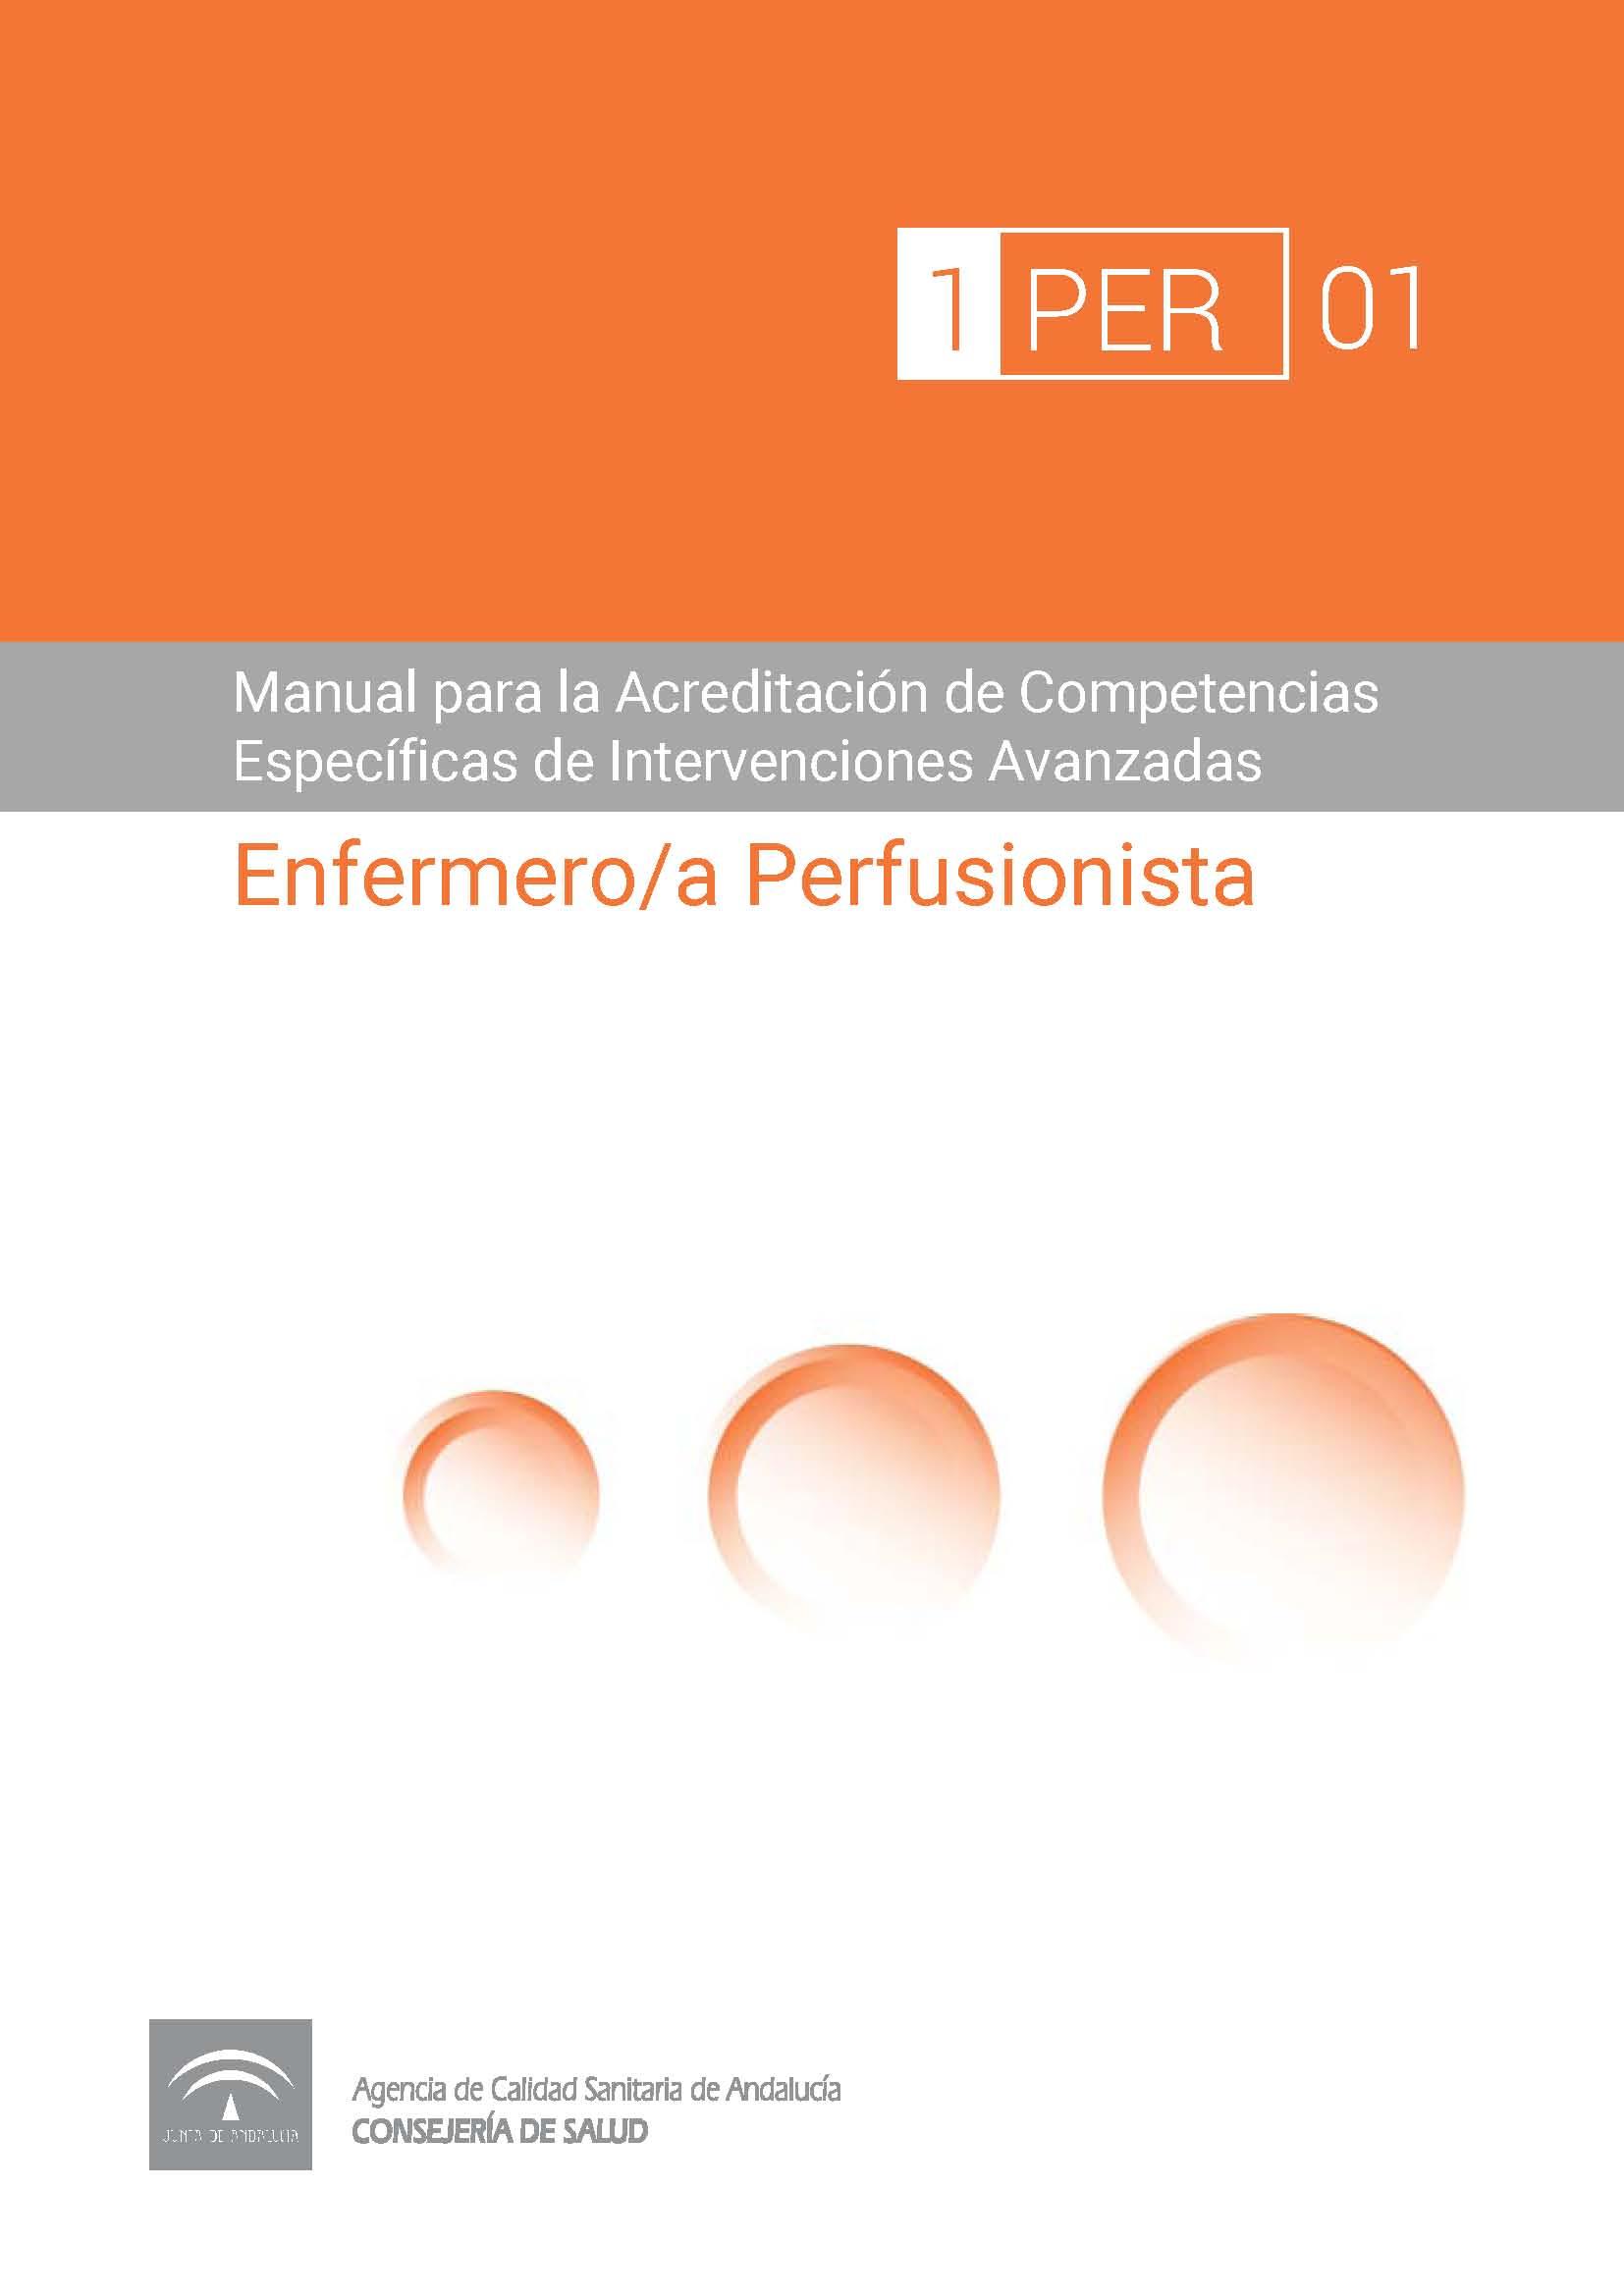 Manual de Competencias Específicas del/de la Enfermero/a Perfusionista